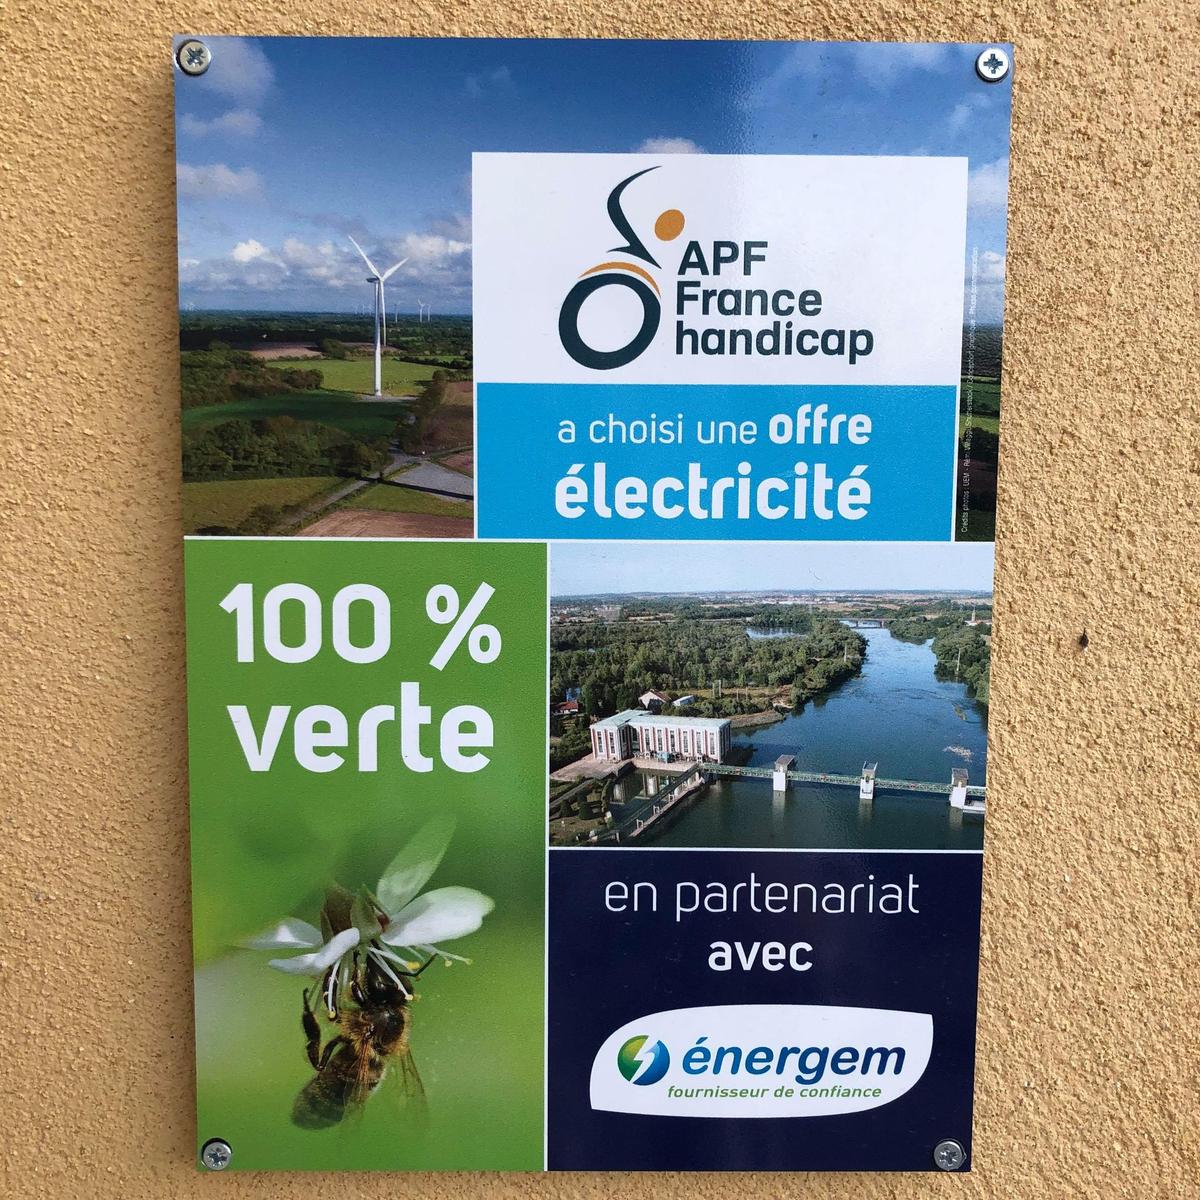 APF France Handicap - Energem